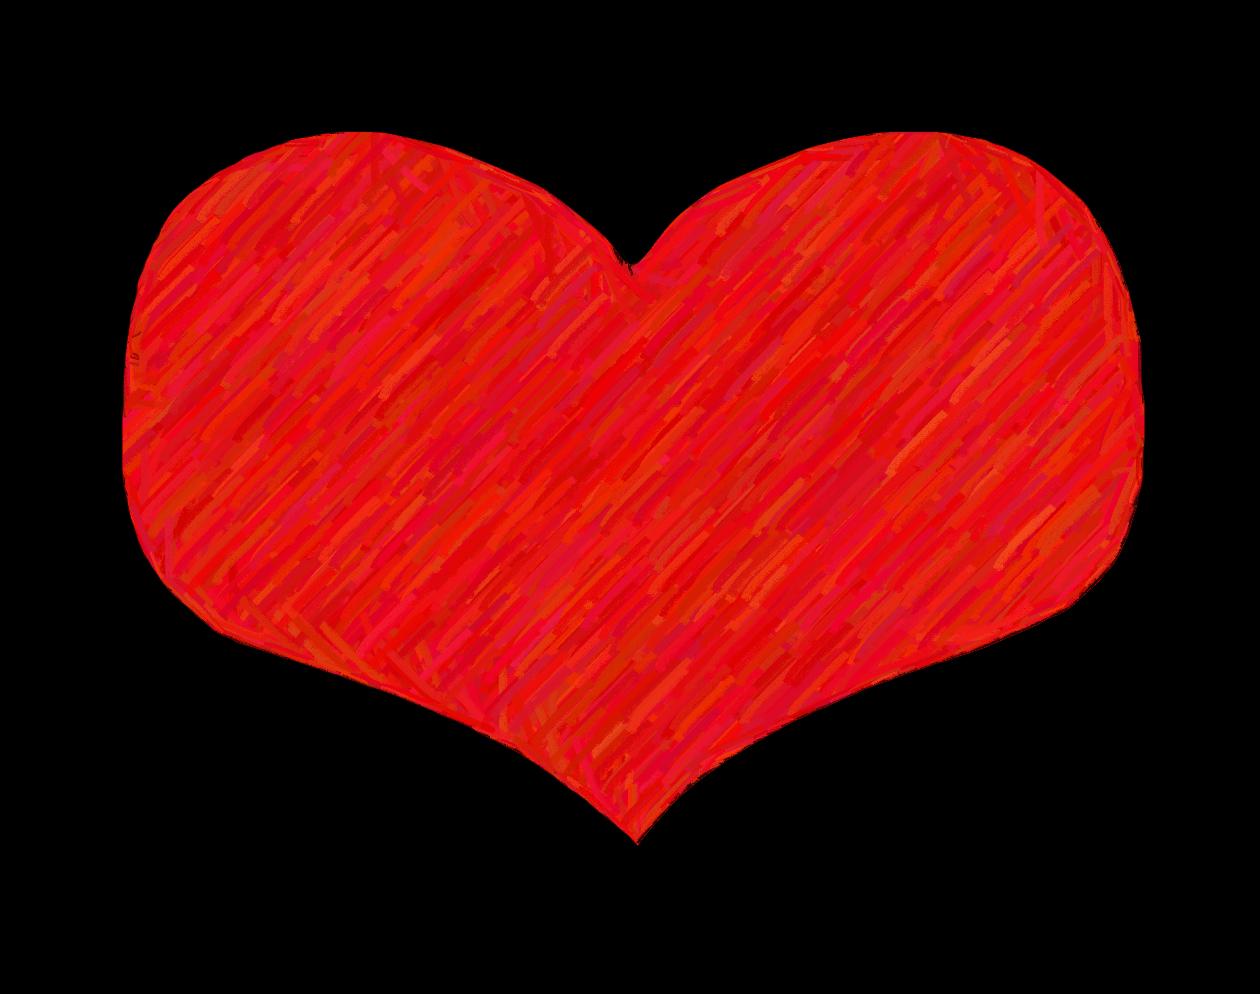 Line Art Love Heart : Clip art images image